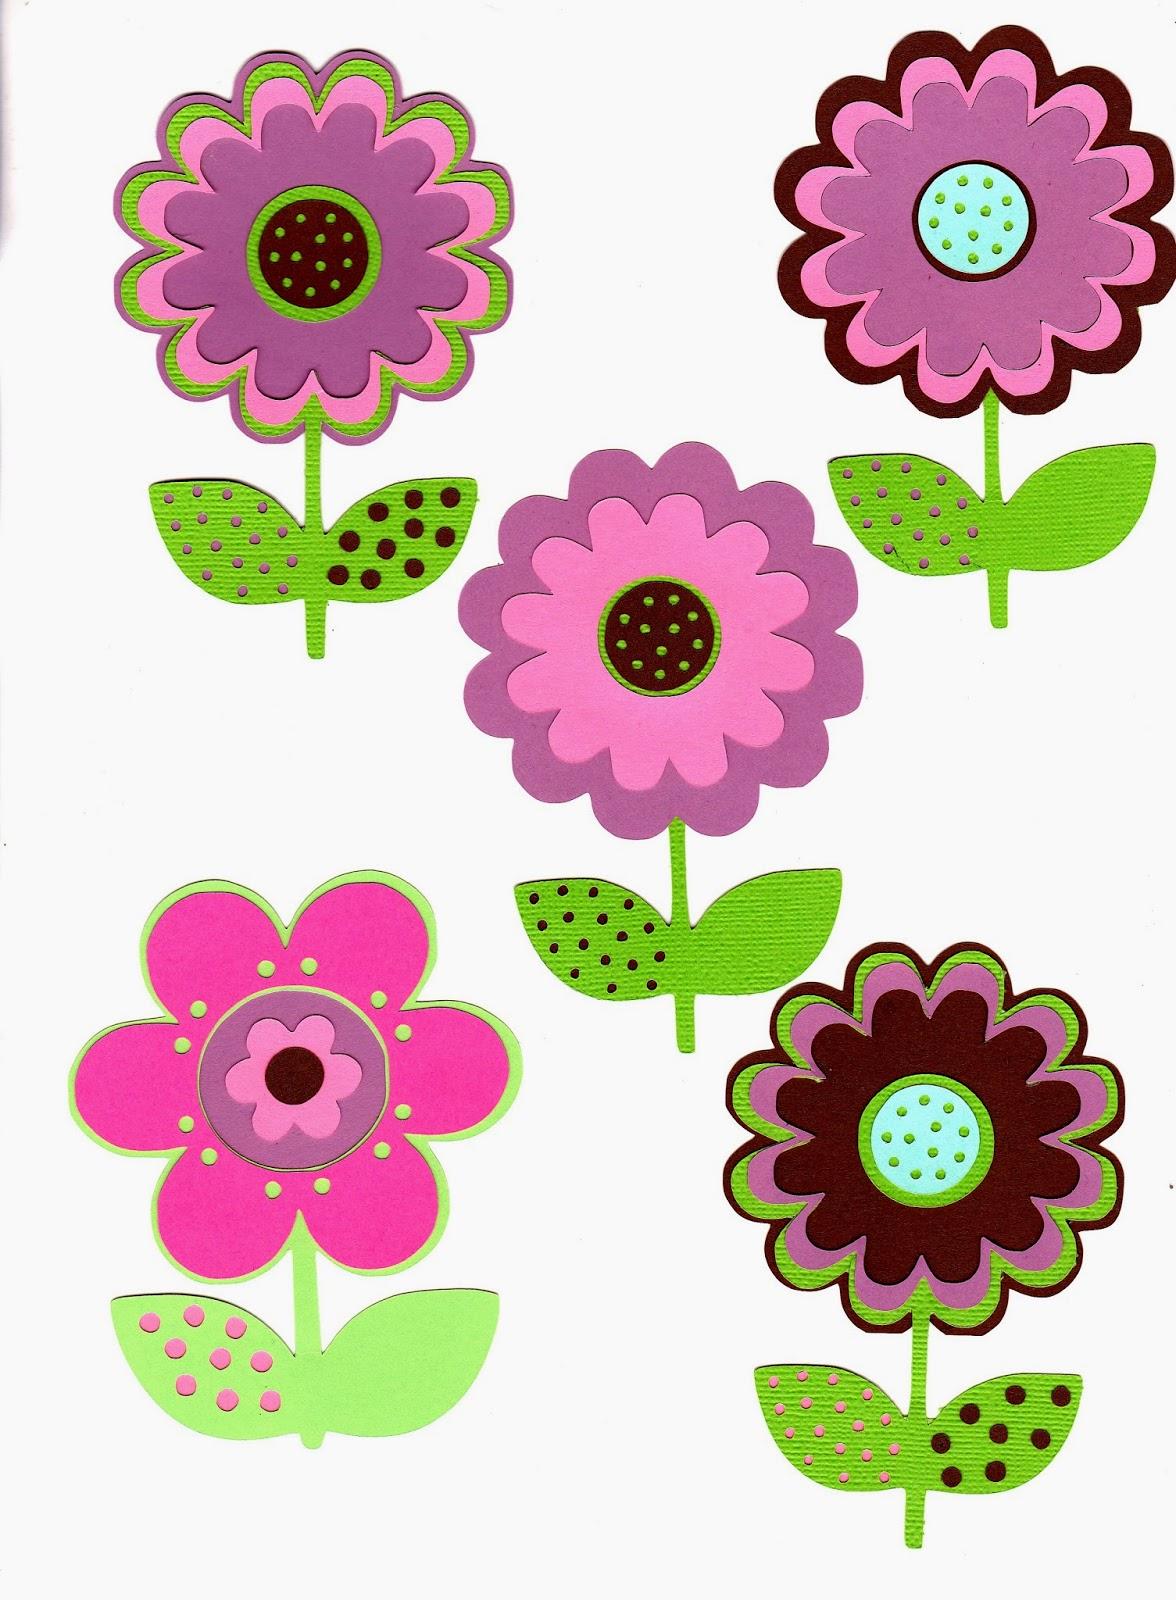 цветные картинки цветов для печати на принтере блики создают изумительную